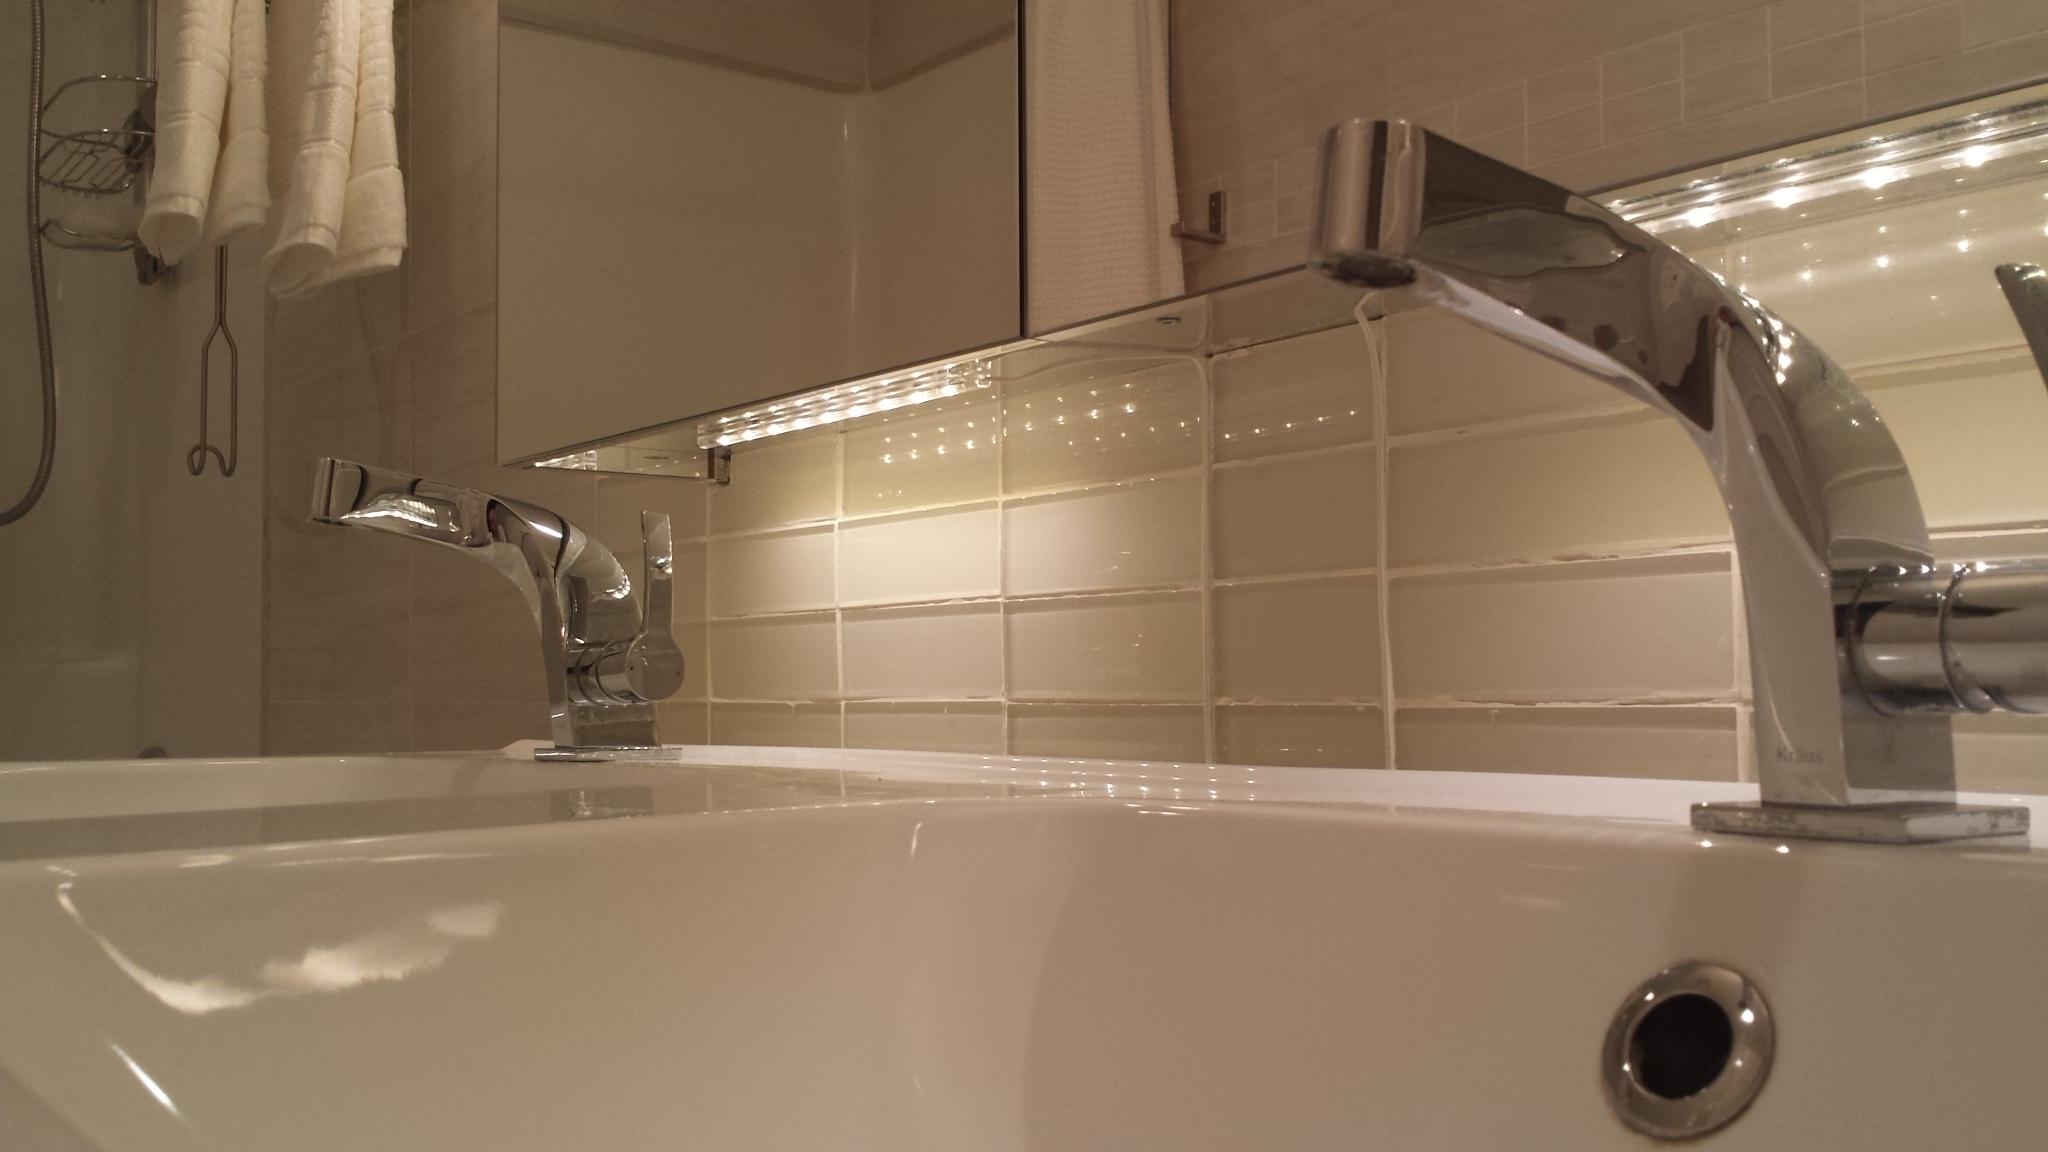 Unit 204 - Bathroom 5